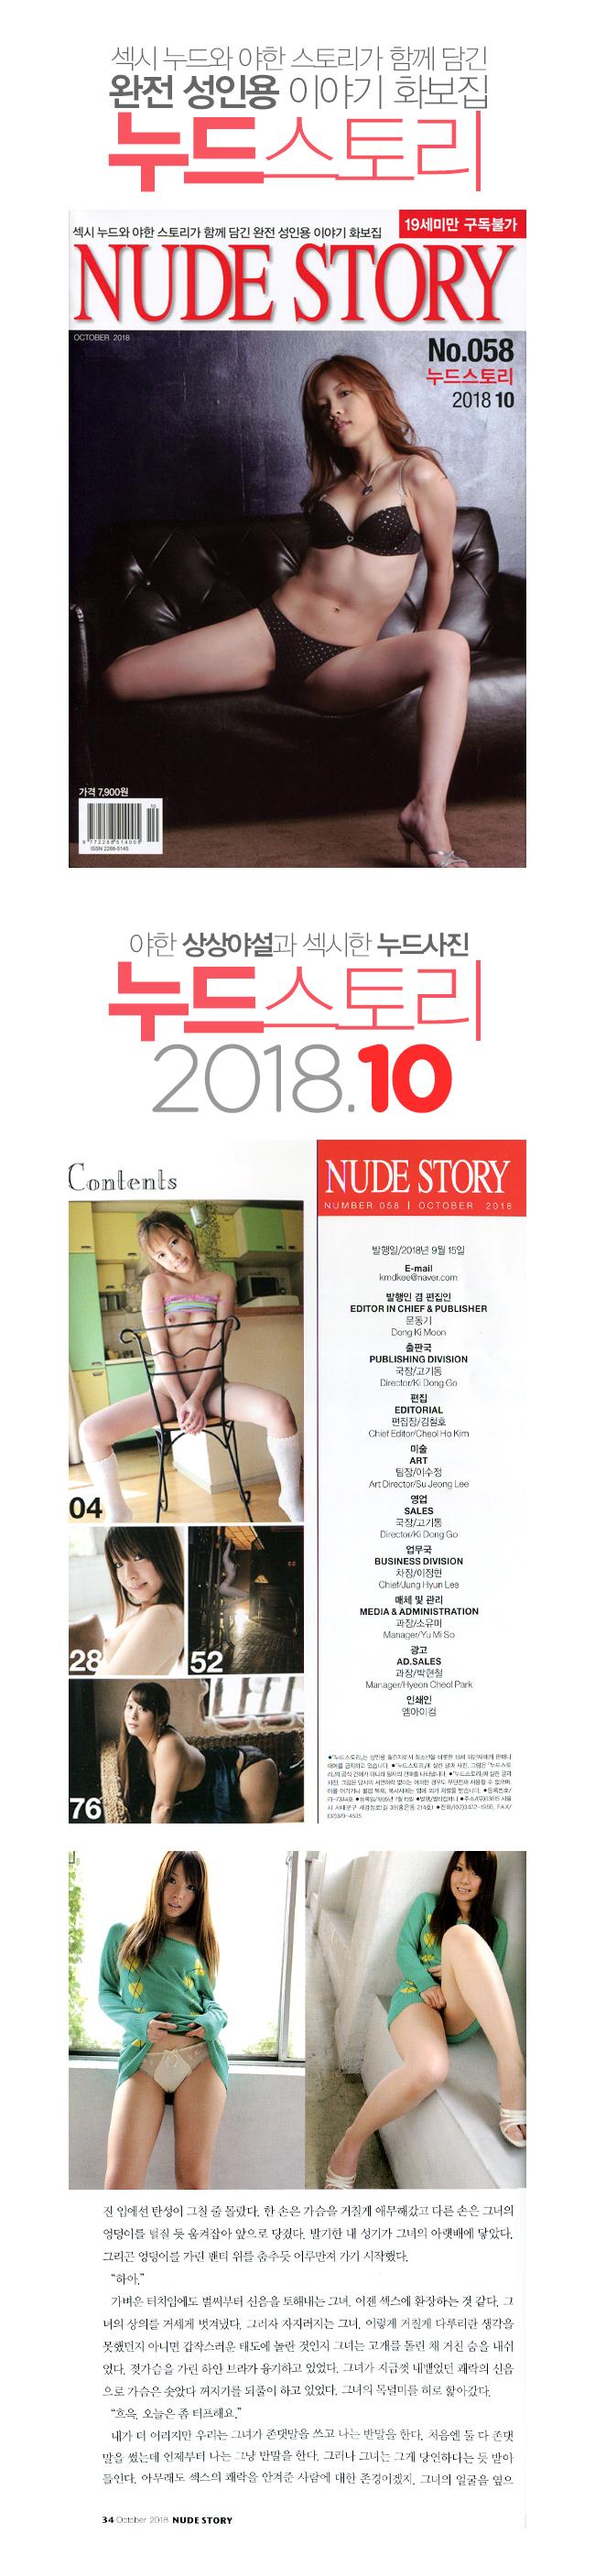 [누드스토리] NUDE STORY 2018년 10월 - 섹시 누드와 야한 스토리가 함께 담긴 완전 성인용 이야기 화보집